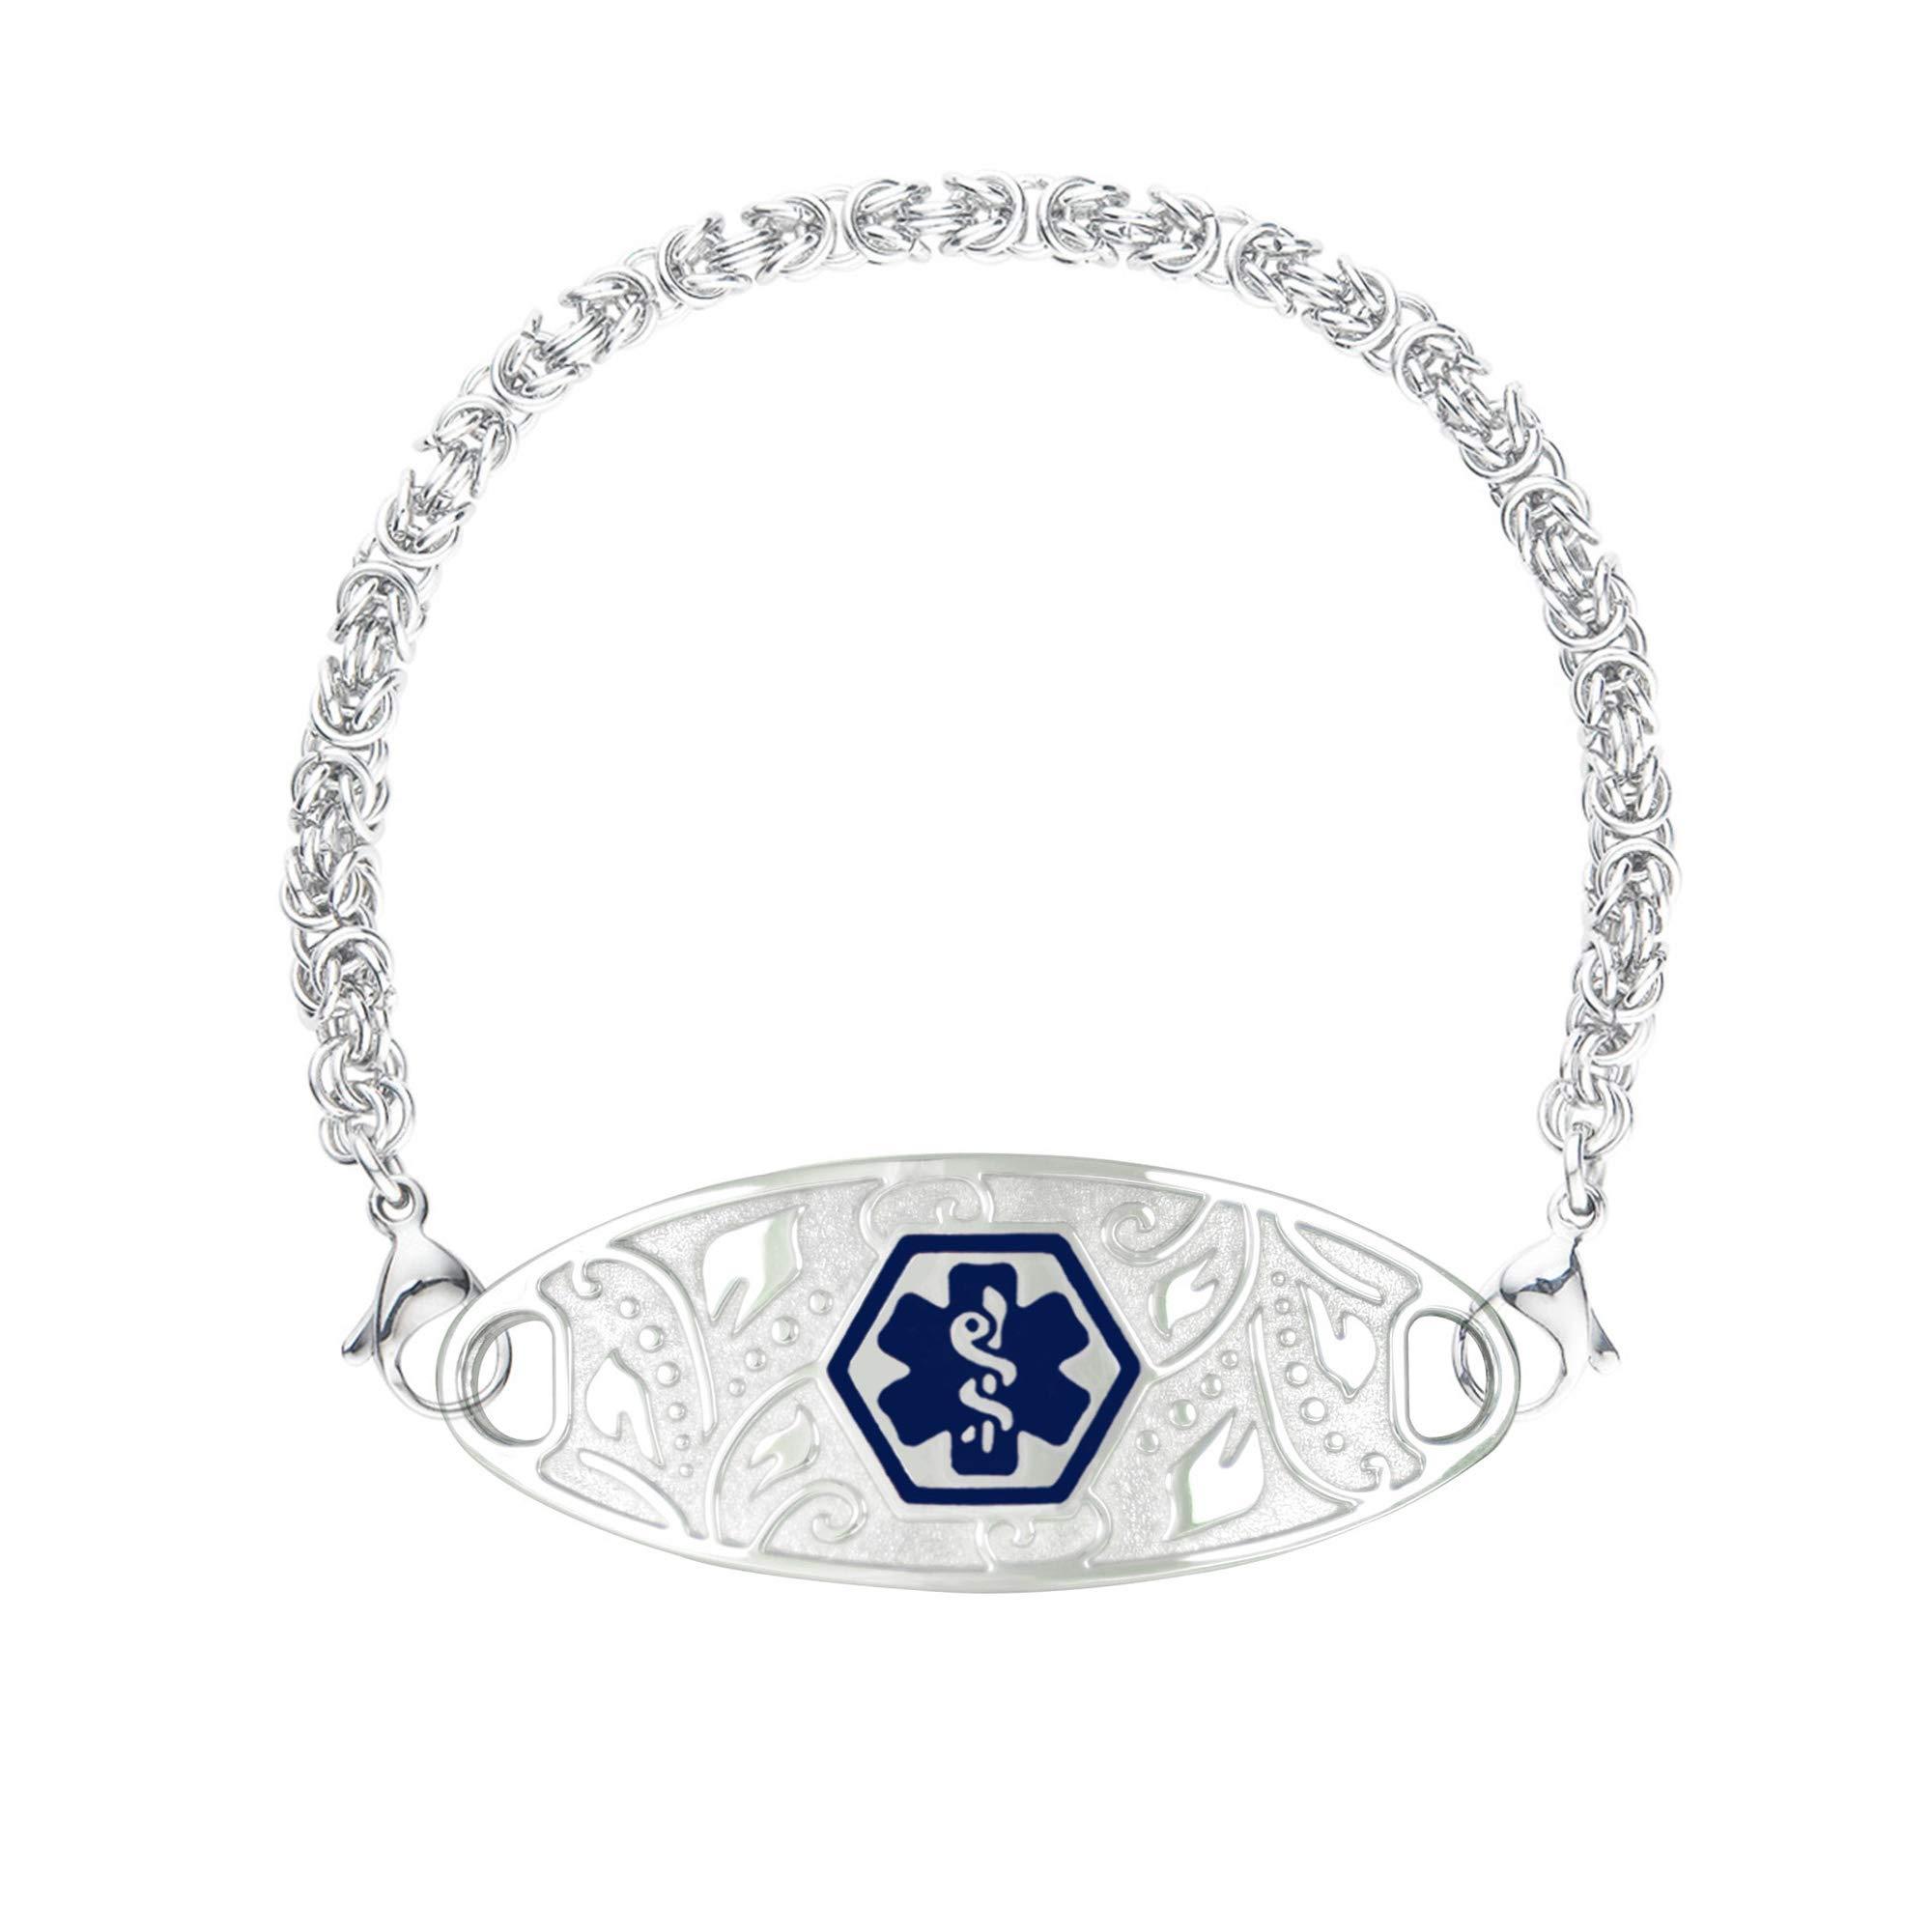 Divoti Deep Custom Laser Engraved Lovely Filigree Medical Alert Bracelet for Women w/Stainless Handmade Byzantine Chain -Deep Blue-6.0''